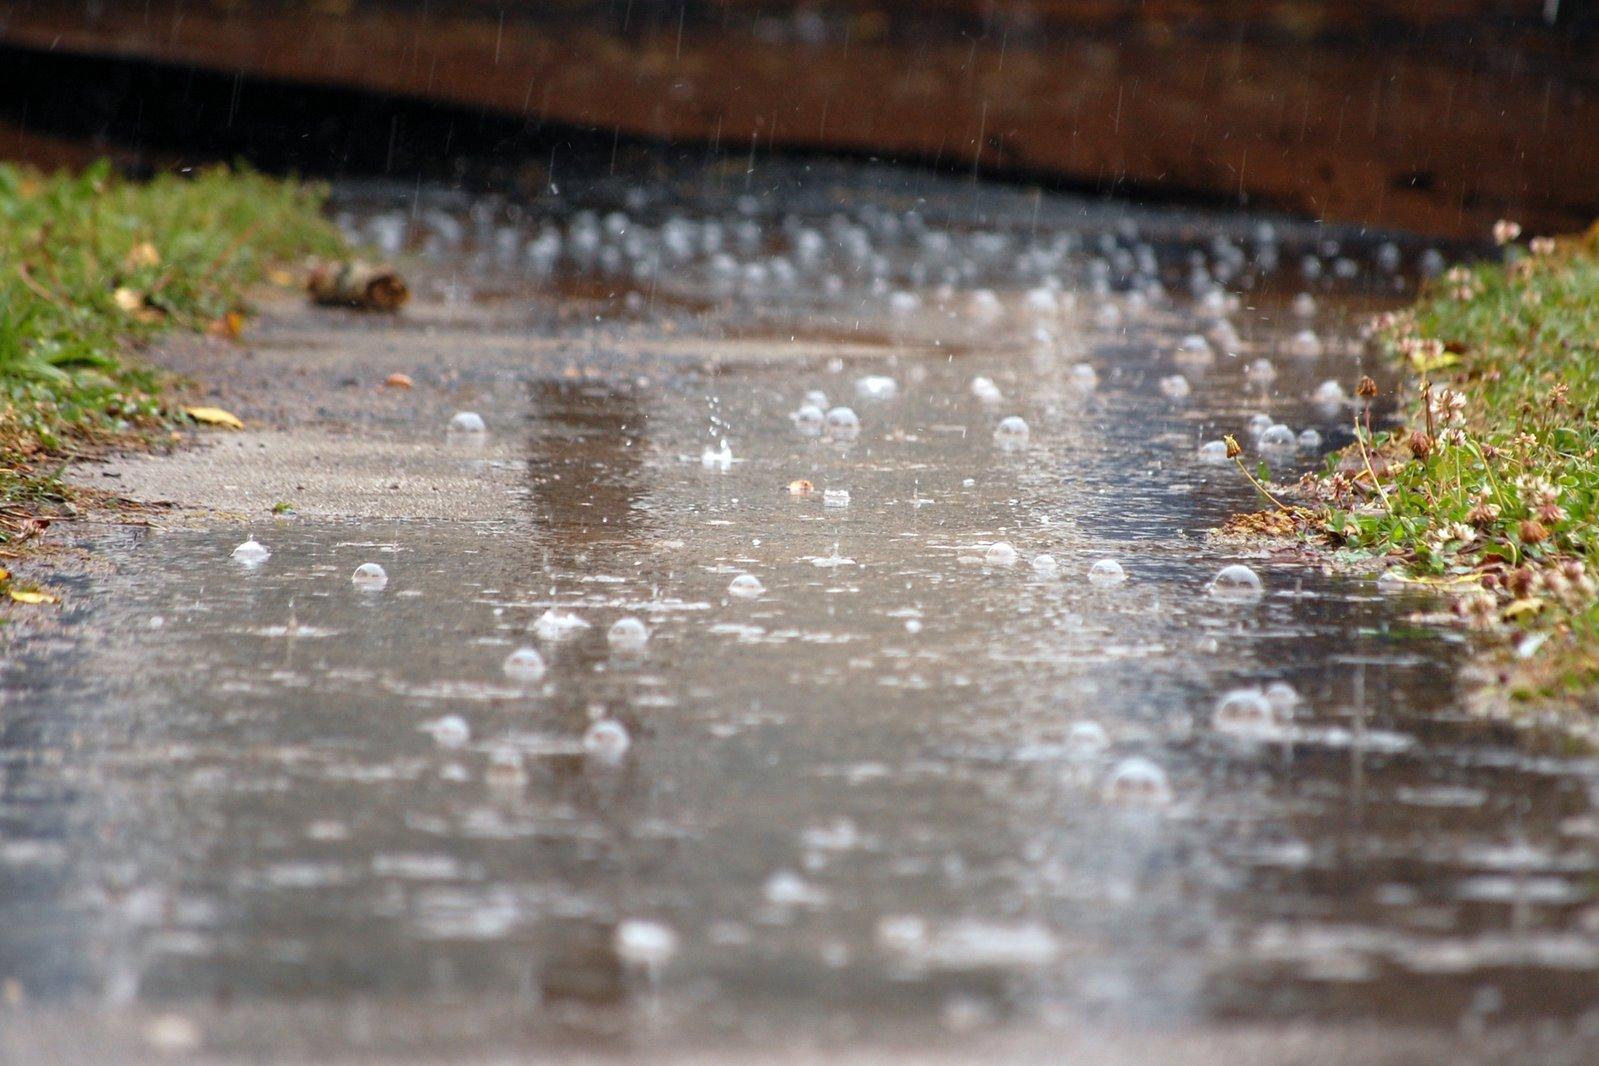 картинки с дождем и лужами связано поверьем, согласно